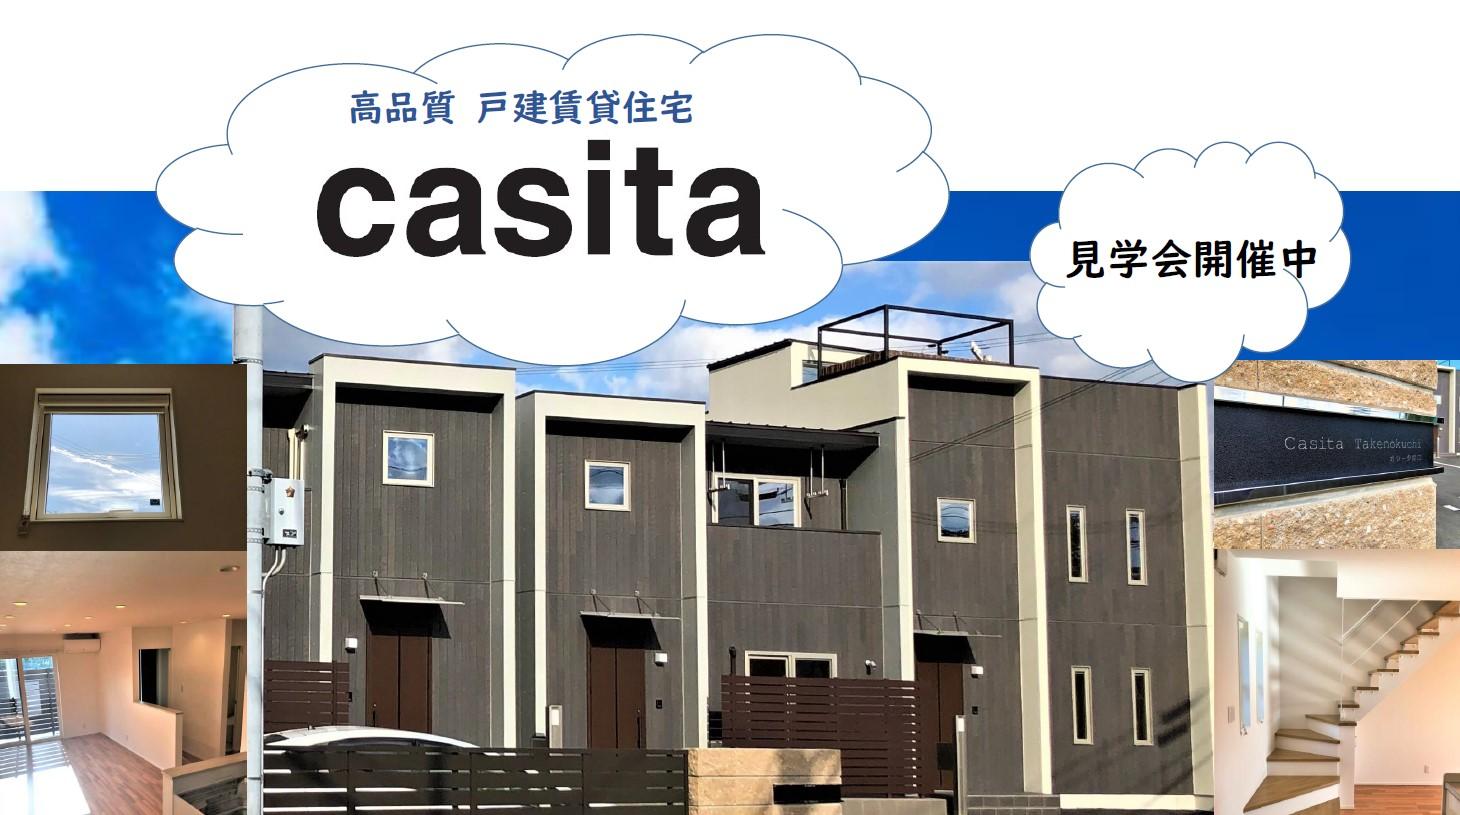 高品質戸建住宅casita(カシータ)淡路島 モデルハウス見学会開催中